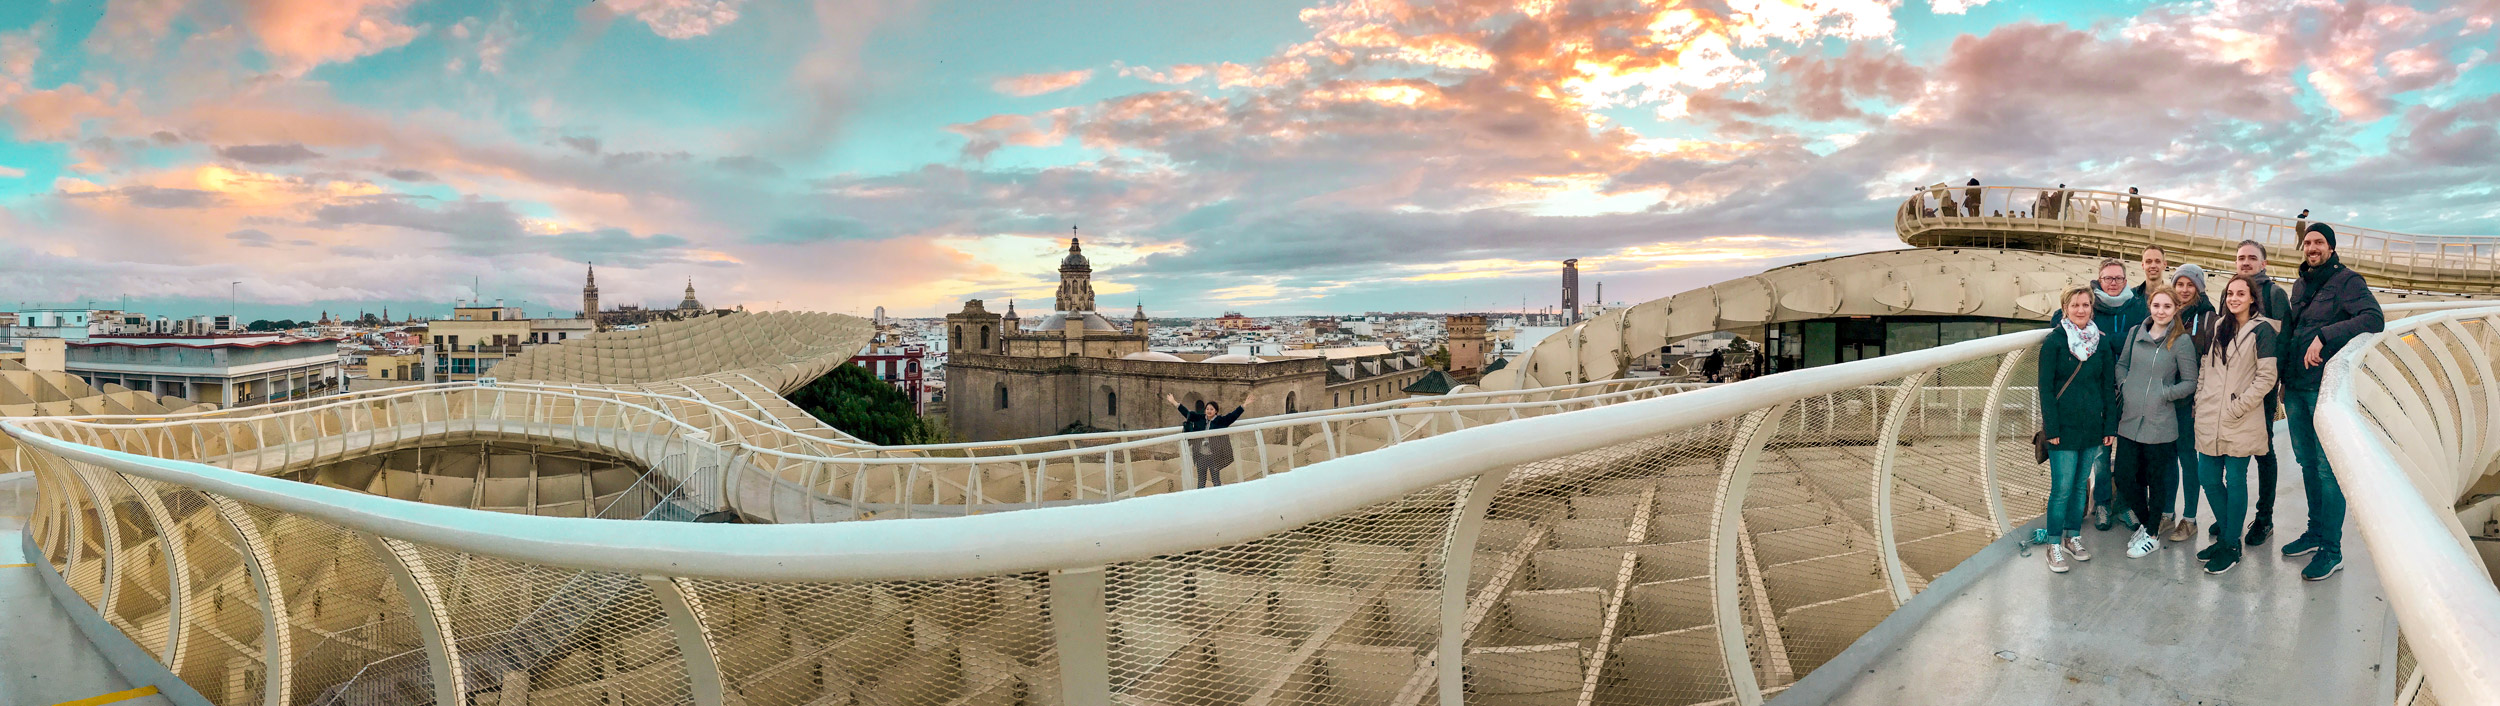 Agenturausflug Sevilla 2017